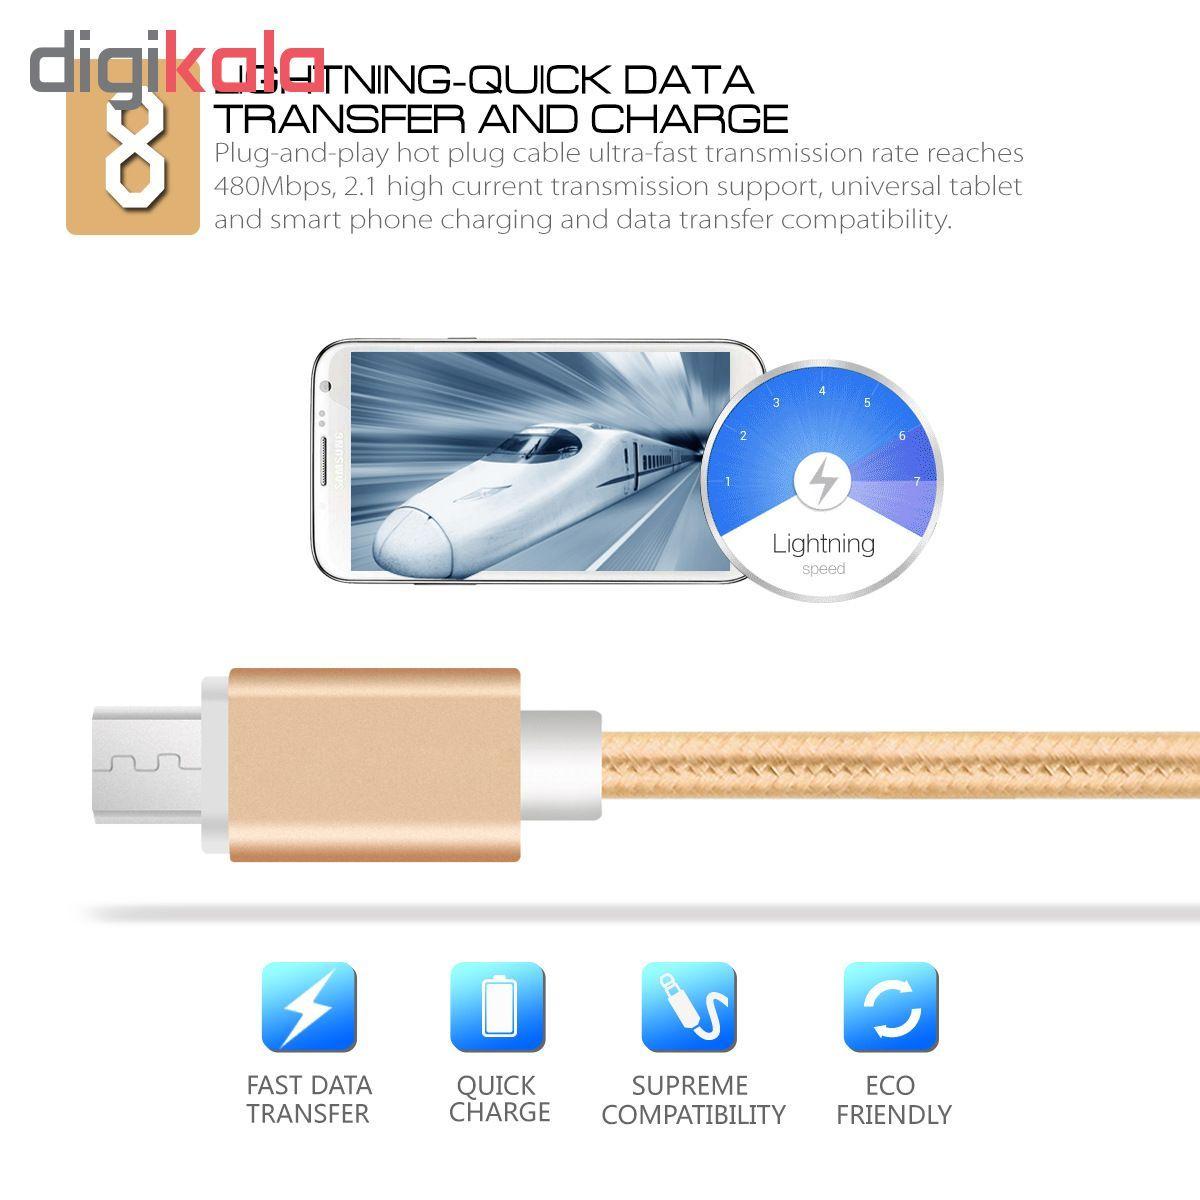 کابل شارژ، انتقال اطلاعات و تبدیل USB به لایتنینگ المو مدل  X-I-N طول 1 متر main 1 3